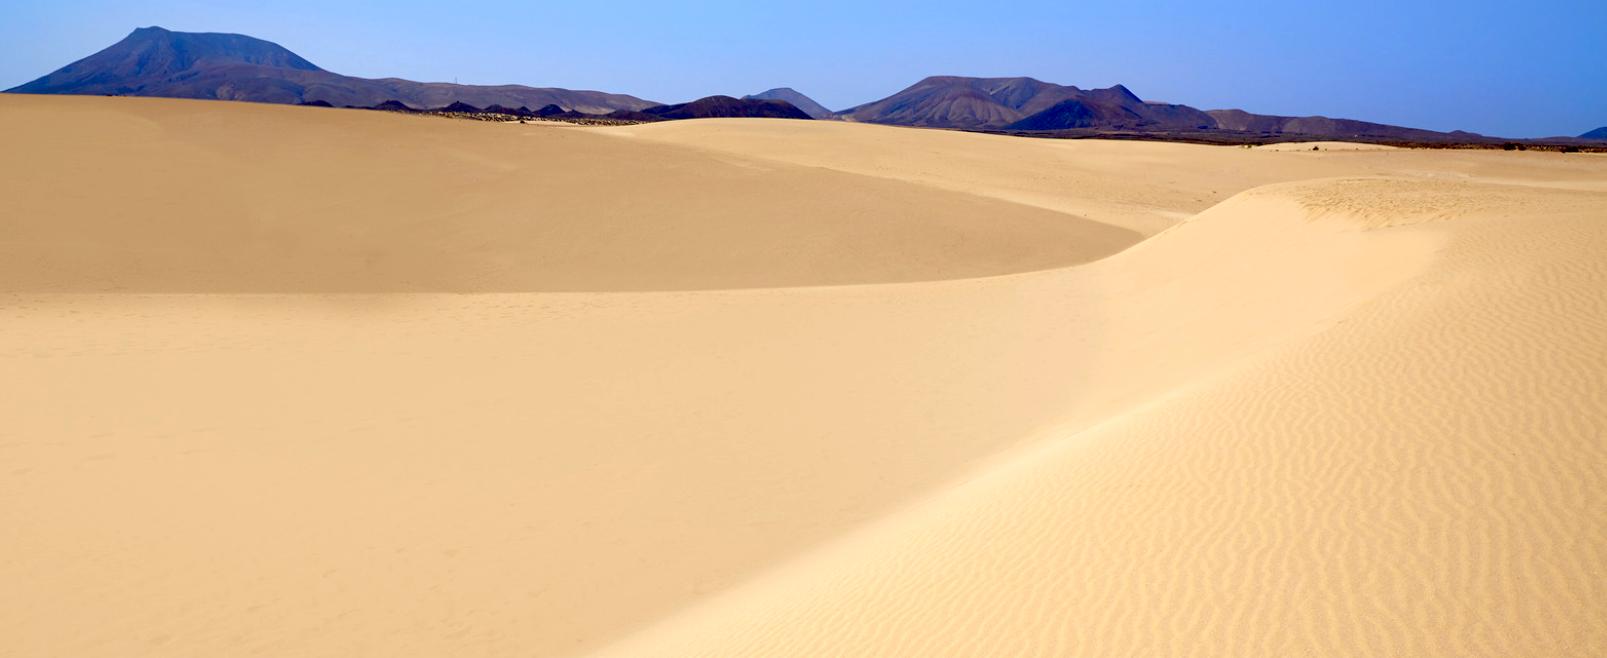 Dunes of Coralejo, Fuerteventura